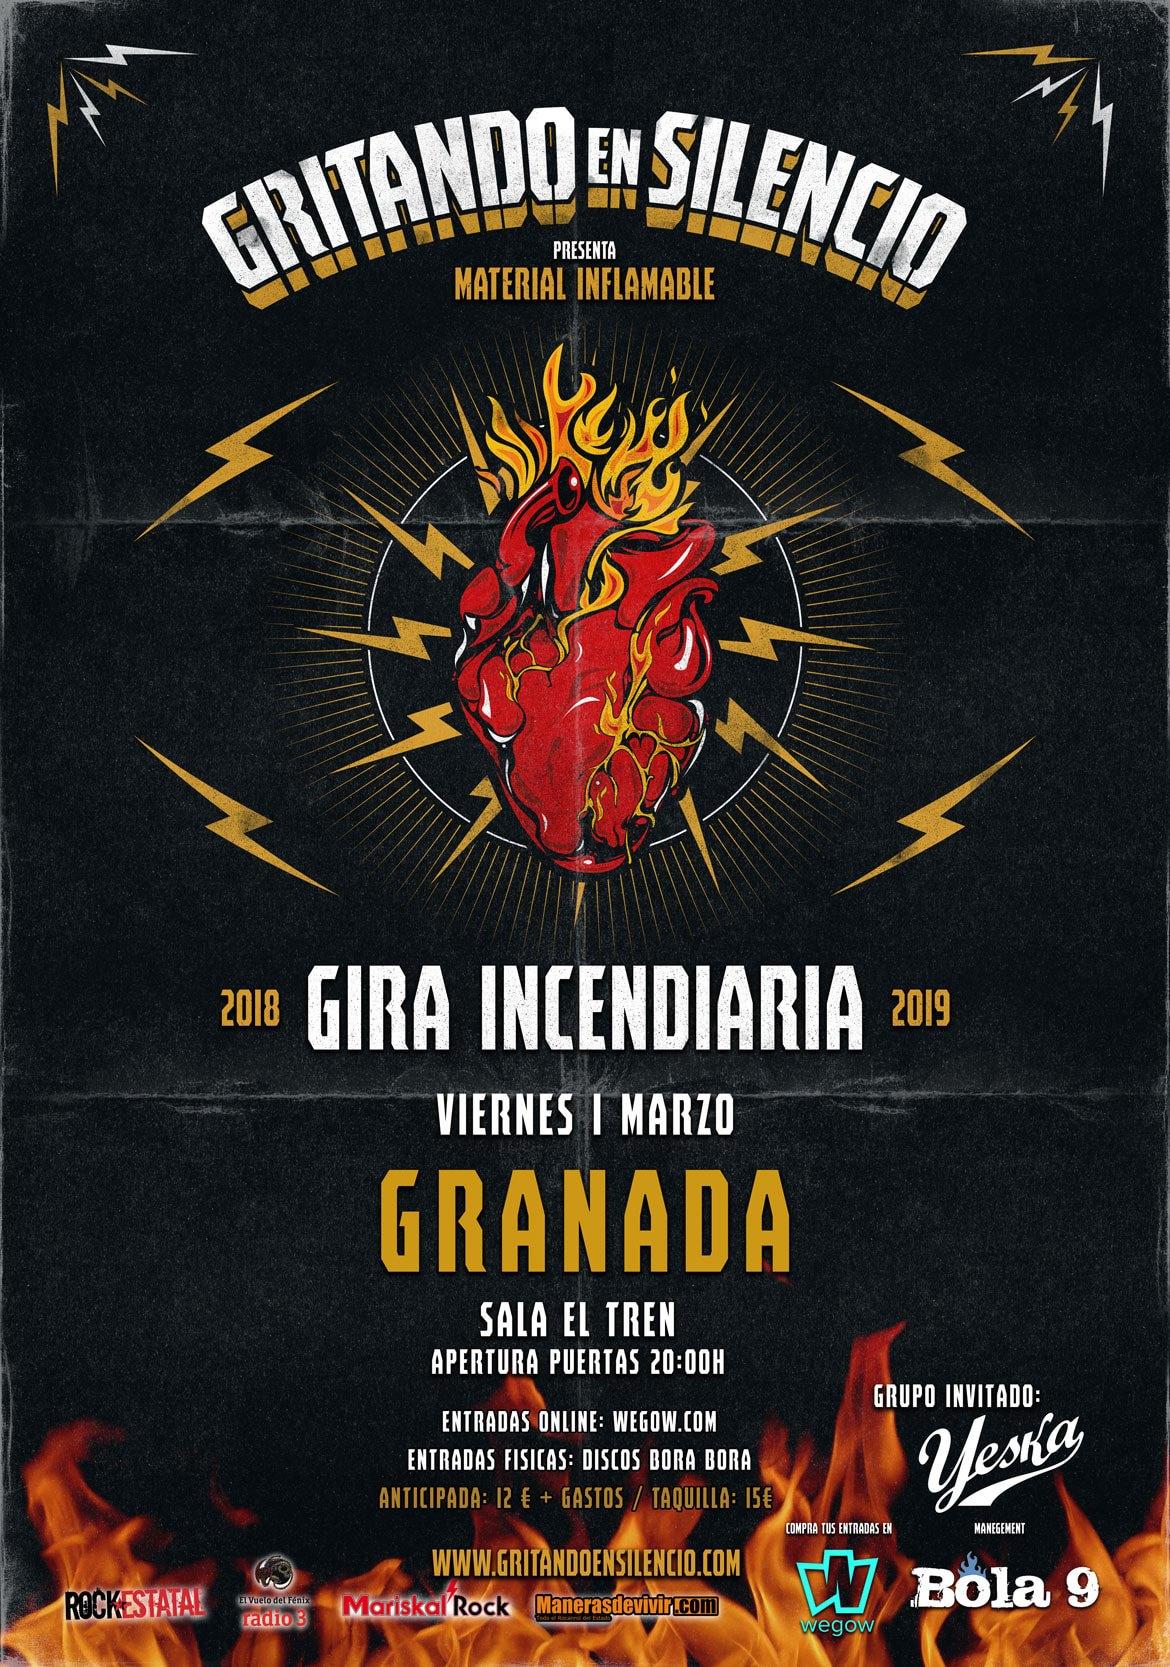 Crónica de GRITANDO EN SILENCIO + YESKA el 1 de marzo en Granada